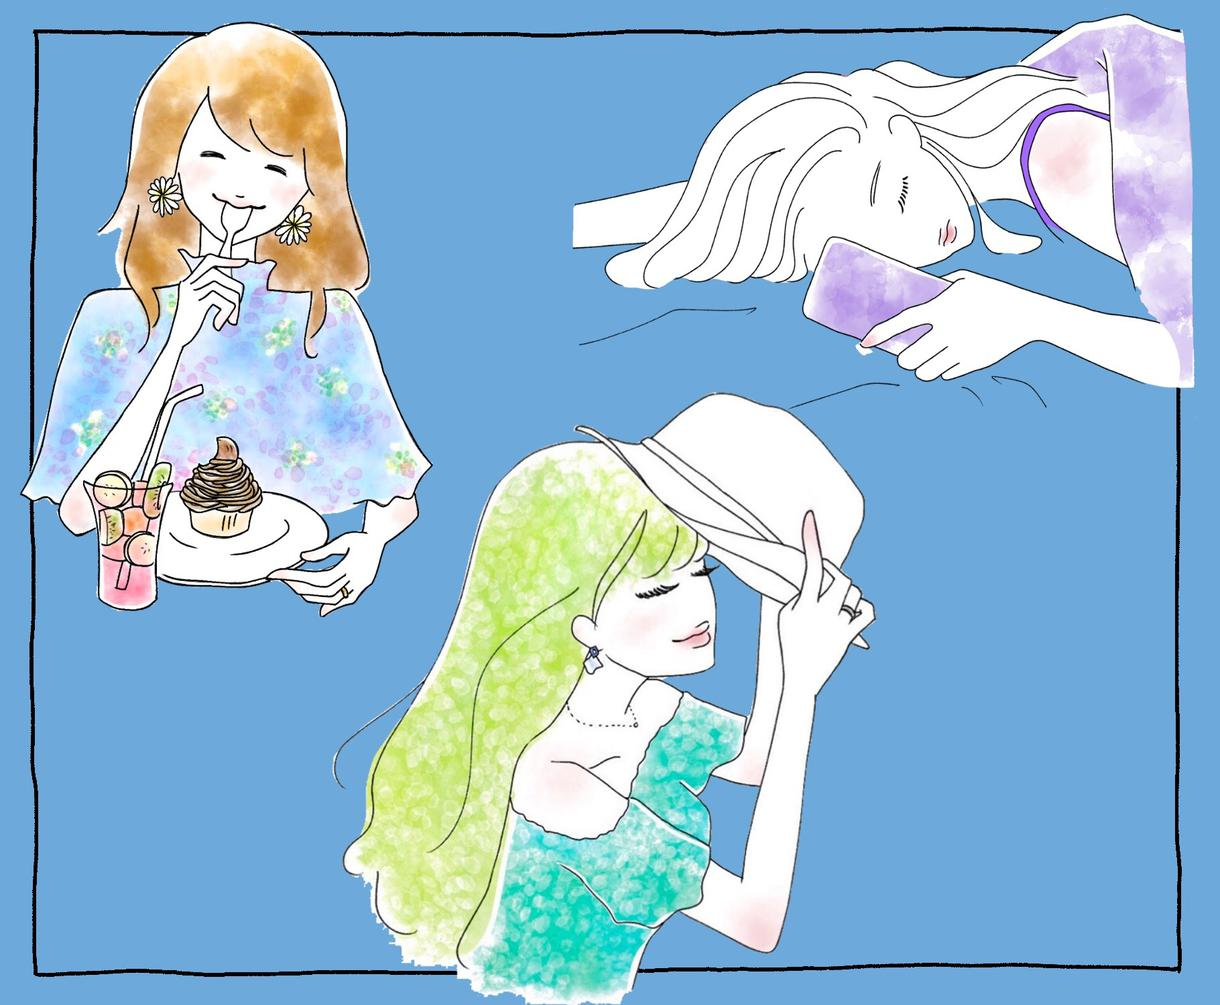 大切な思い出をイラストで♡オシャレに描きます #記念イラスト #プレゼント #思い出